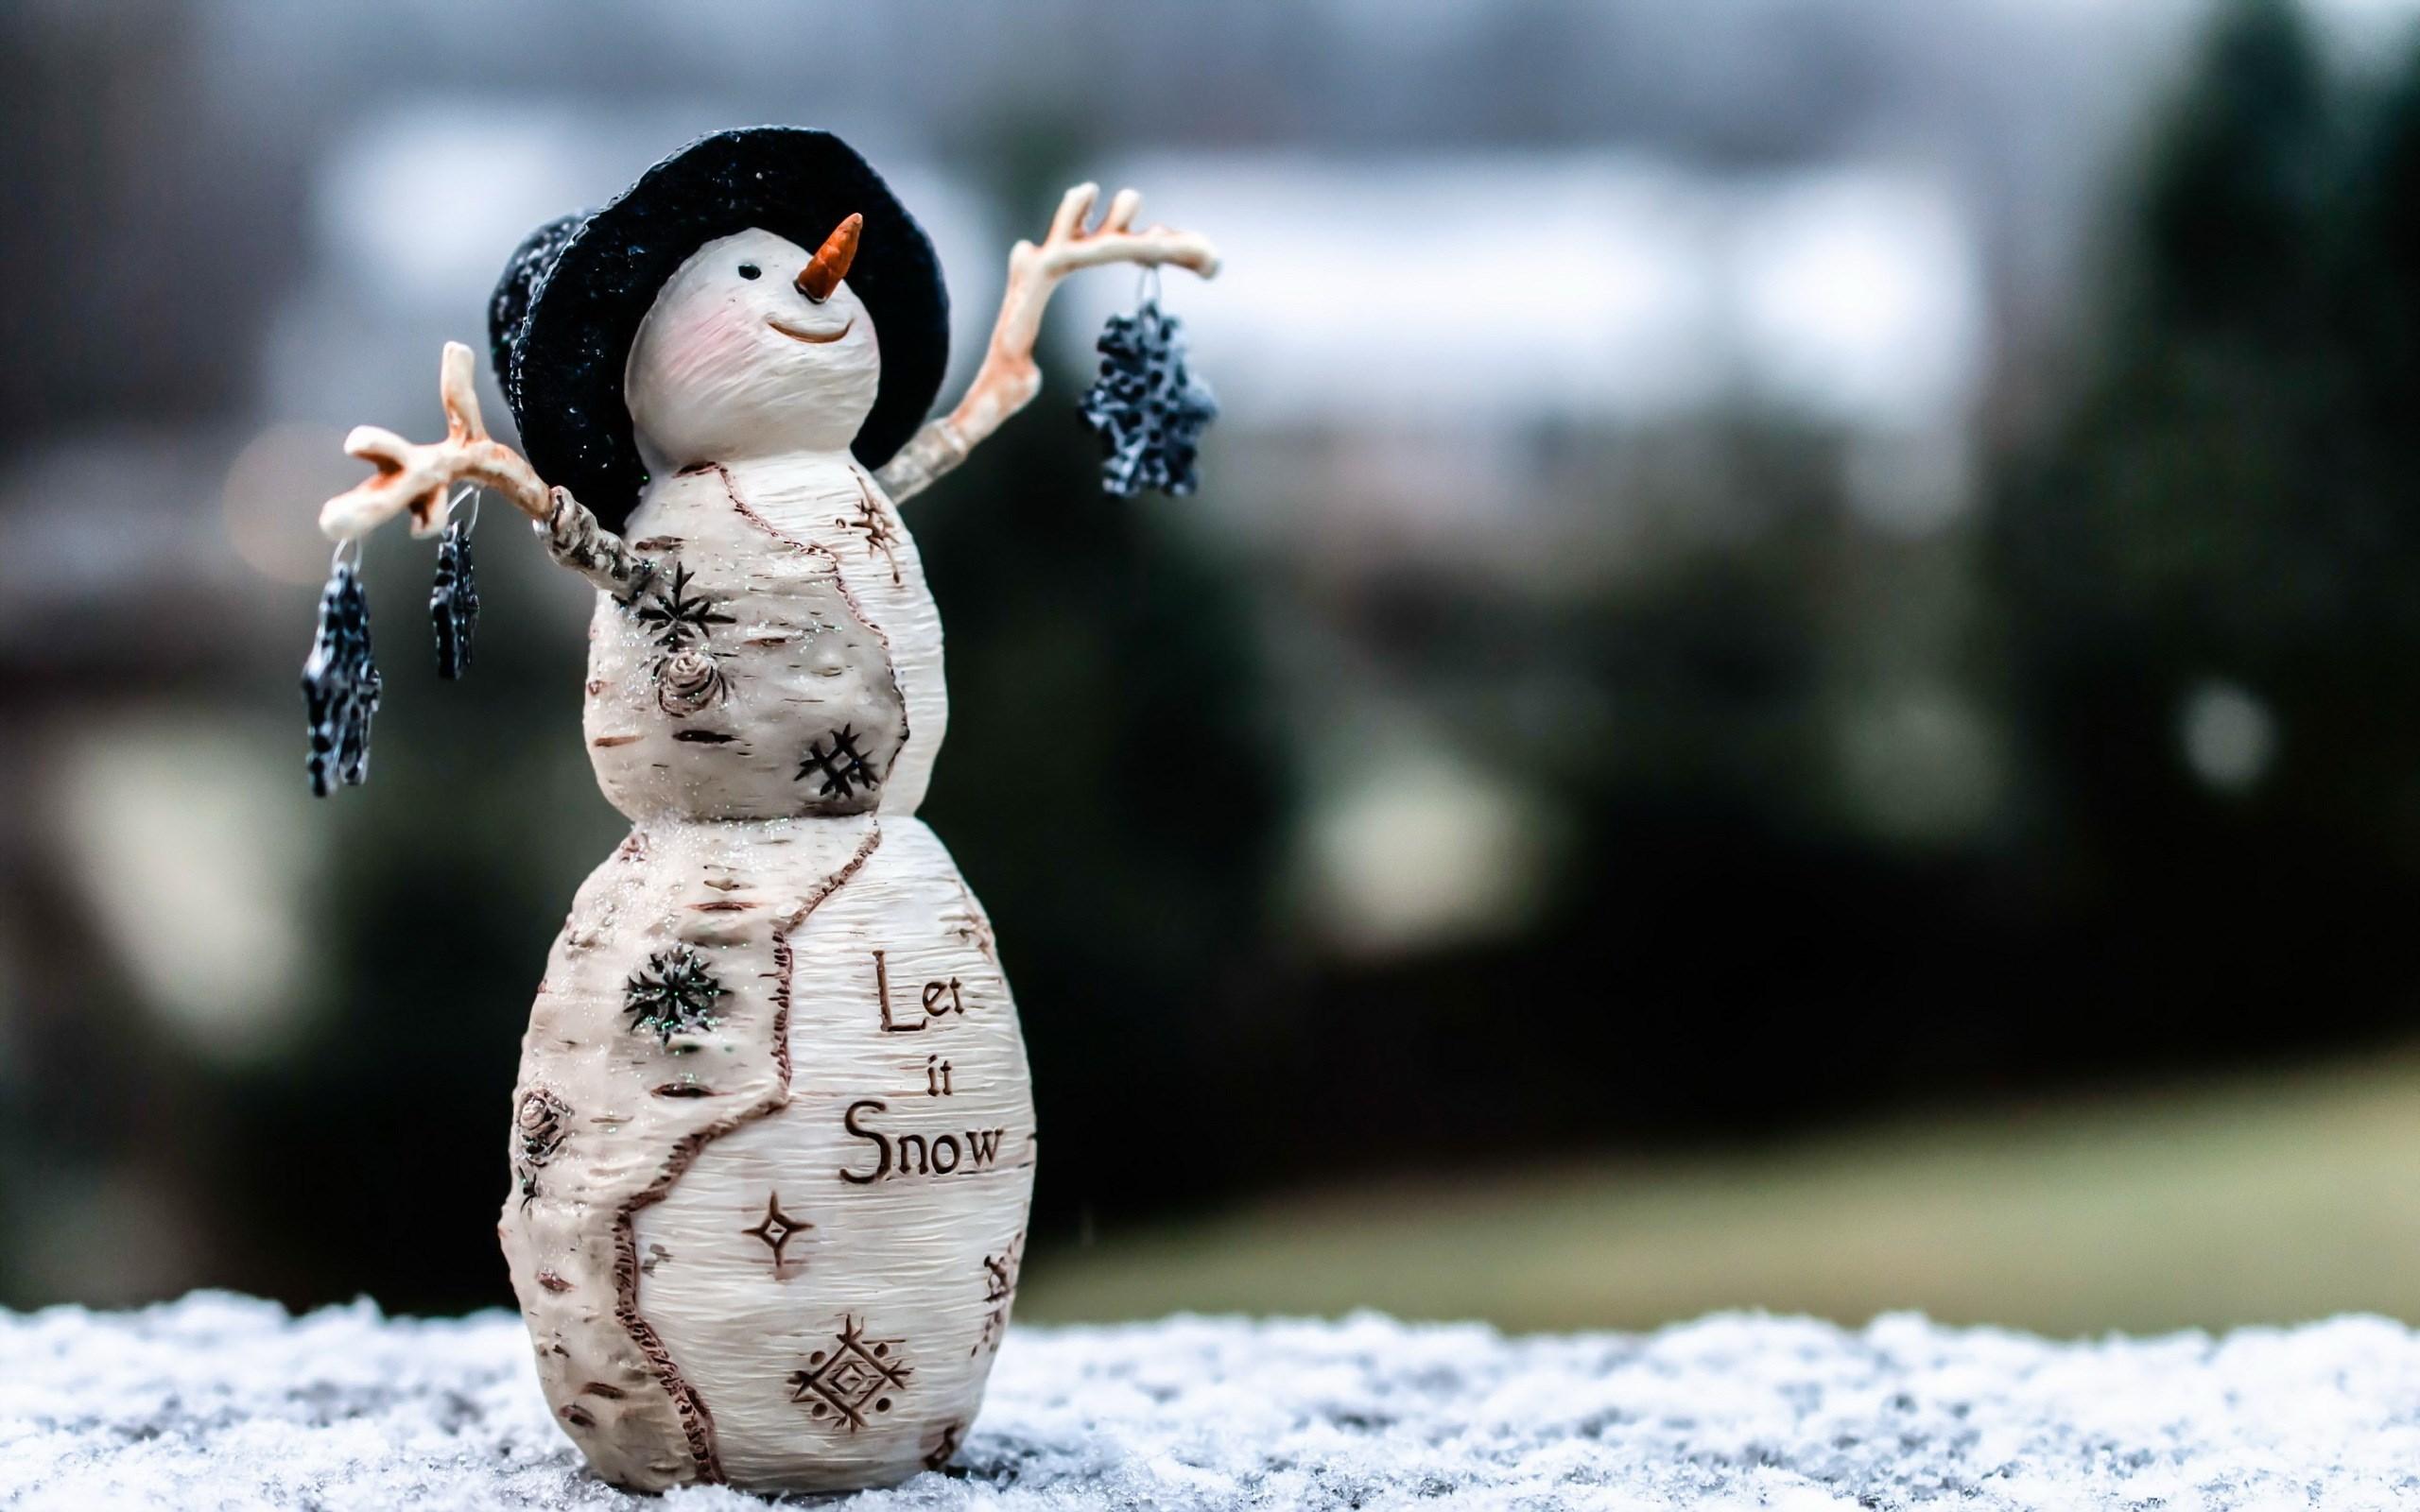 Snowman Toy Winter